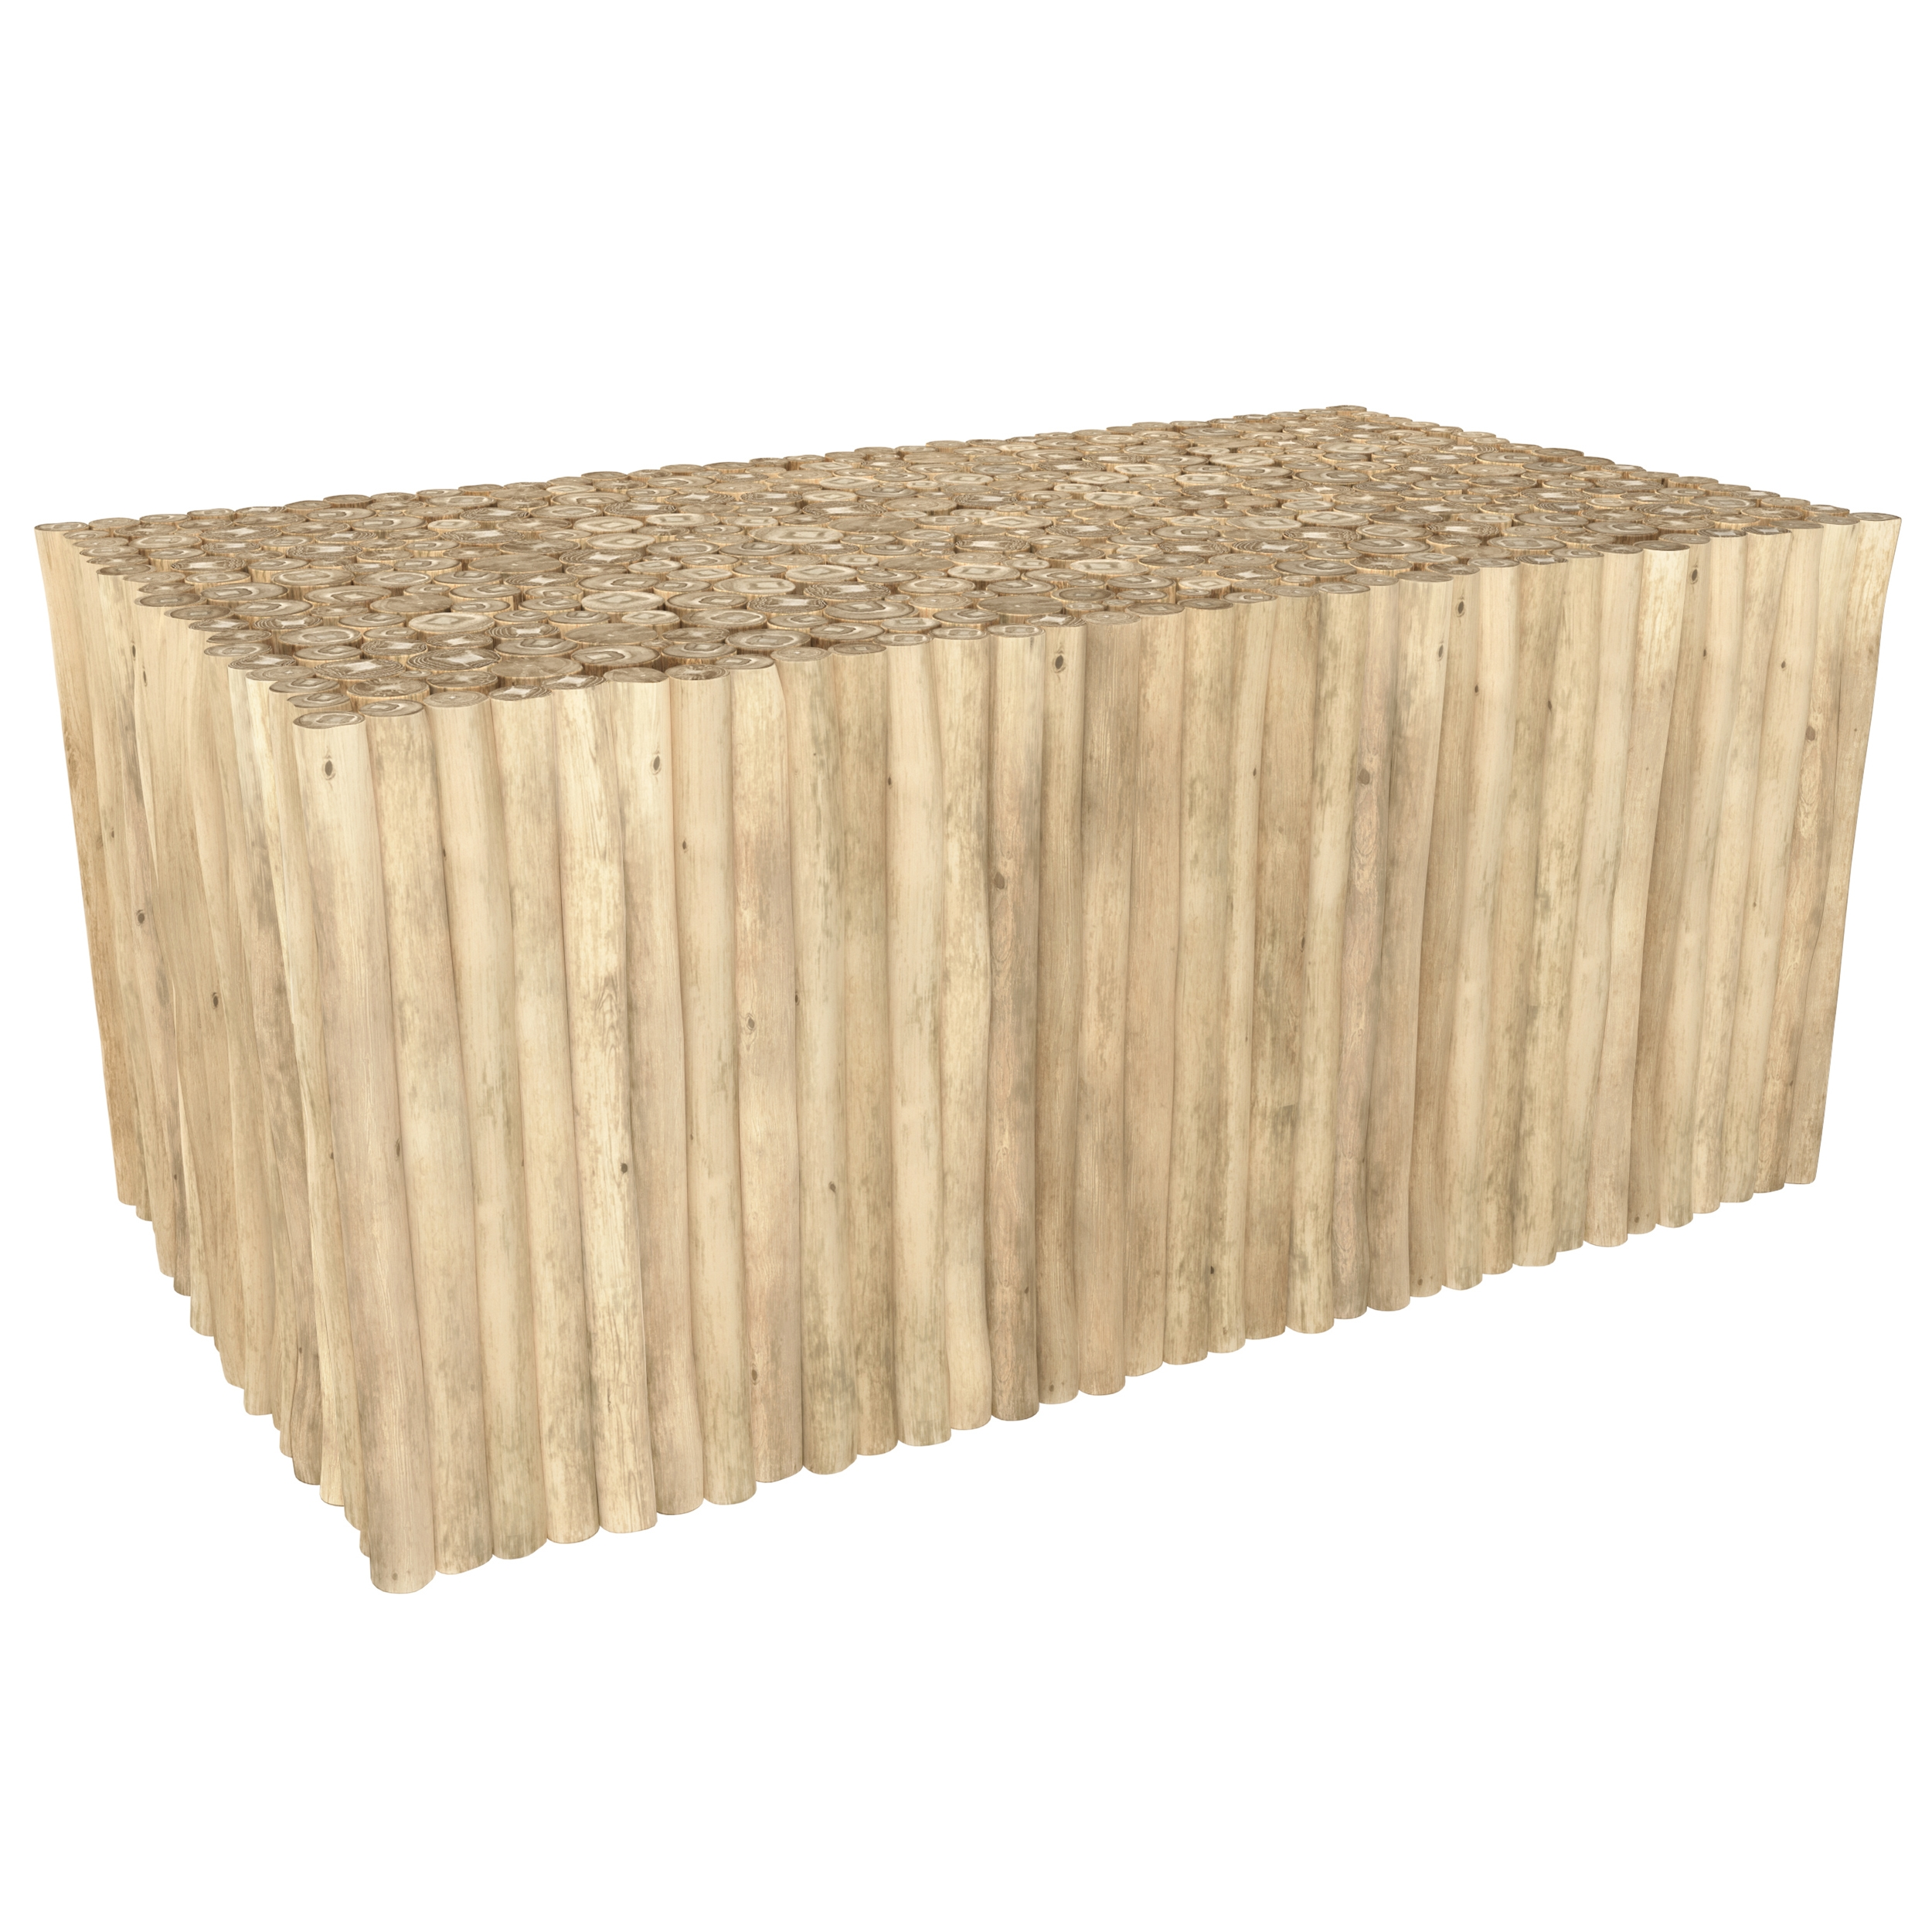 Table basse de jardin rectangulaire 90x50cm en teck